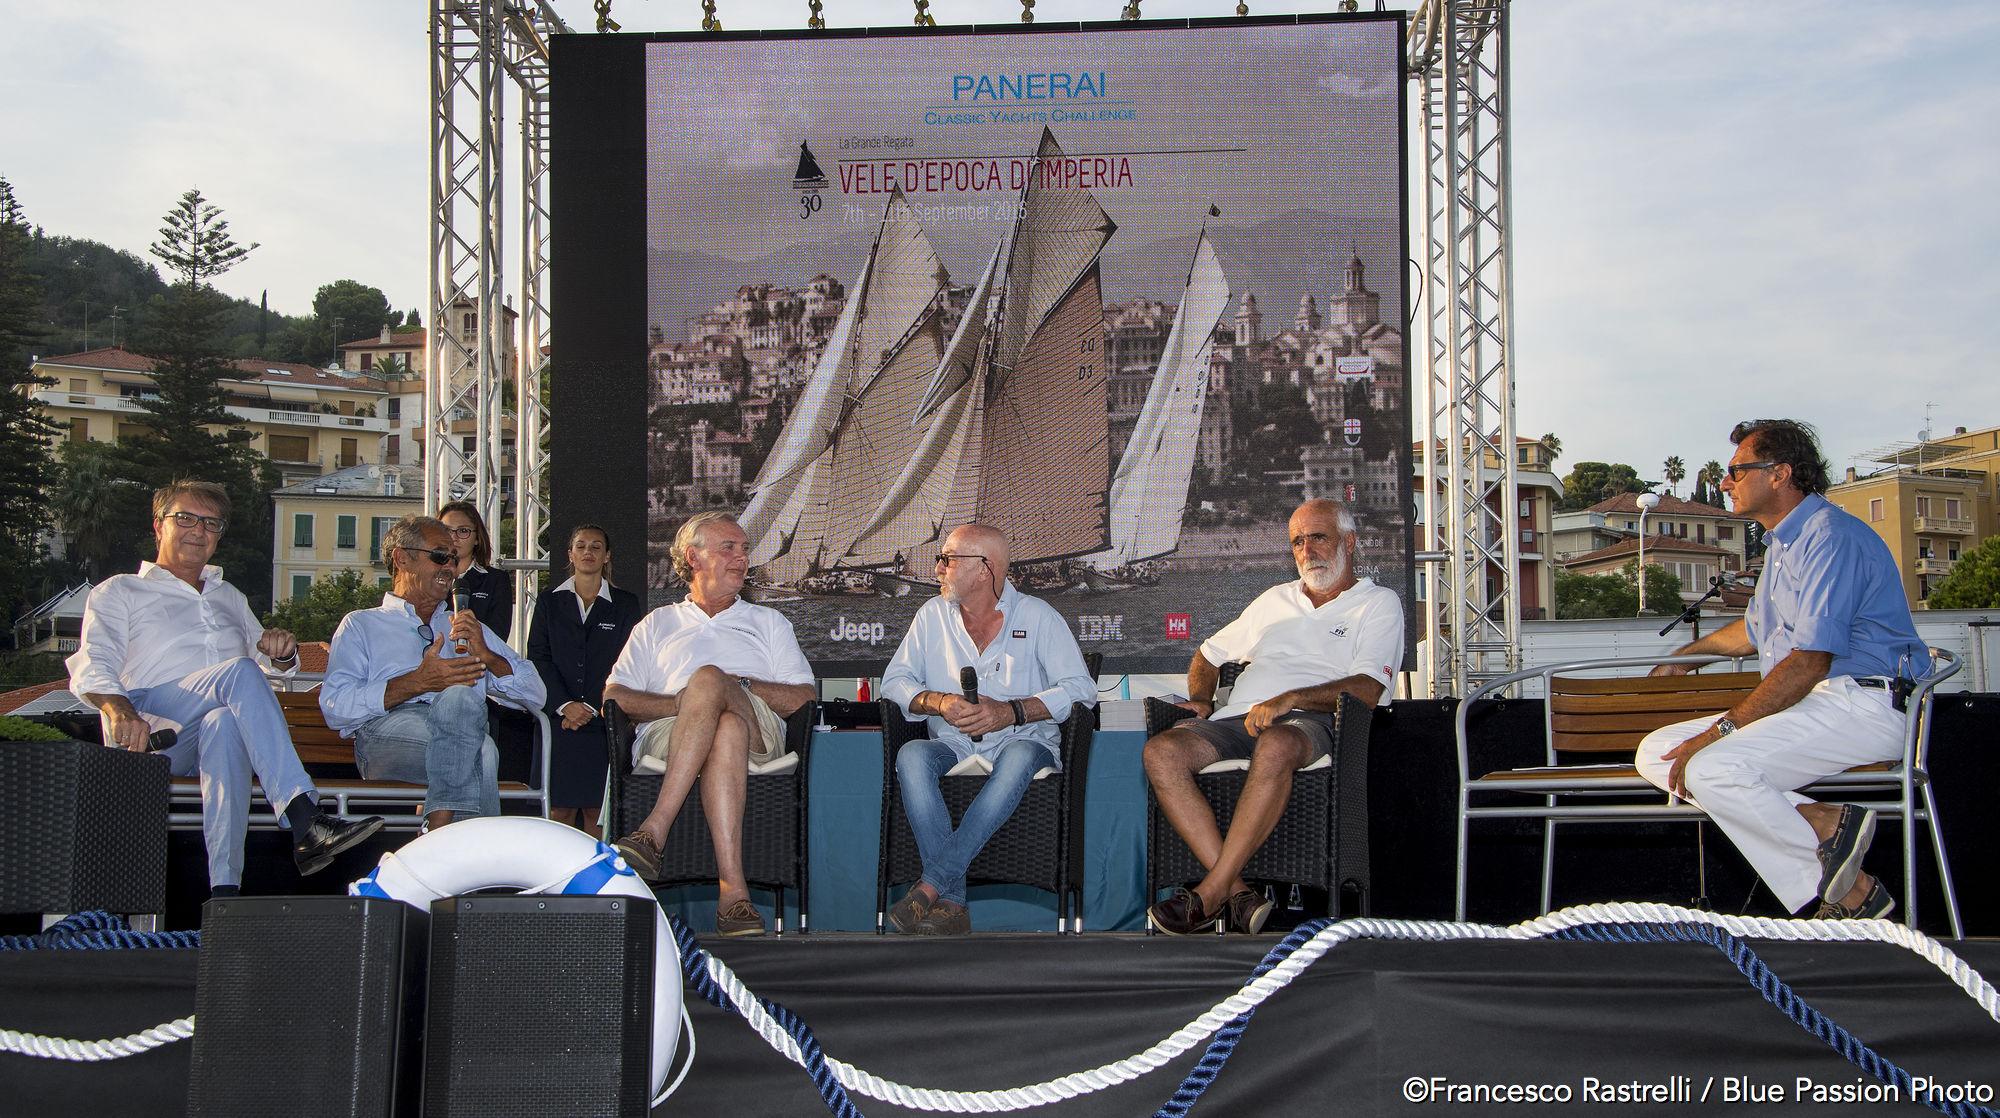 Trent'anni di vele d'epoca: la brochure (10/9/2016)